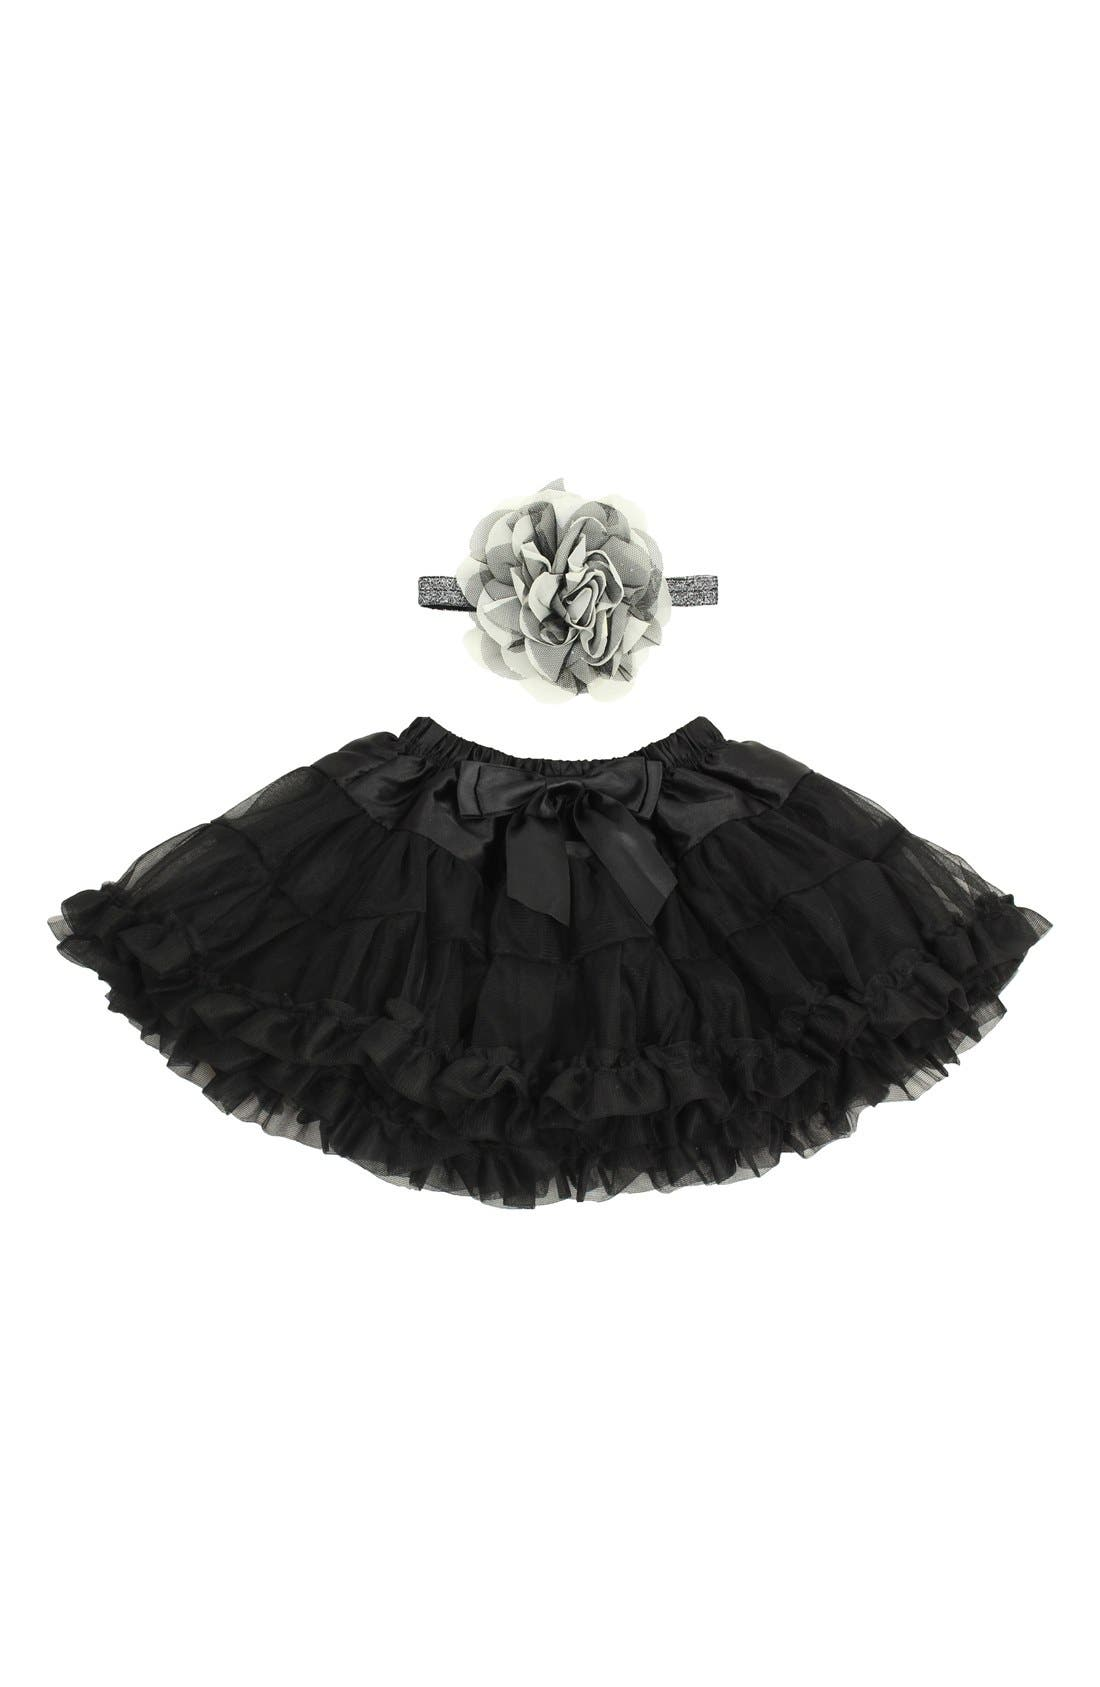 Tutu & Floral Appliqué Head Wrap Set,                         Main,                         color, BLACK